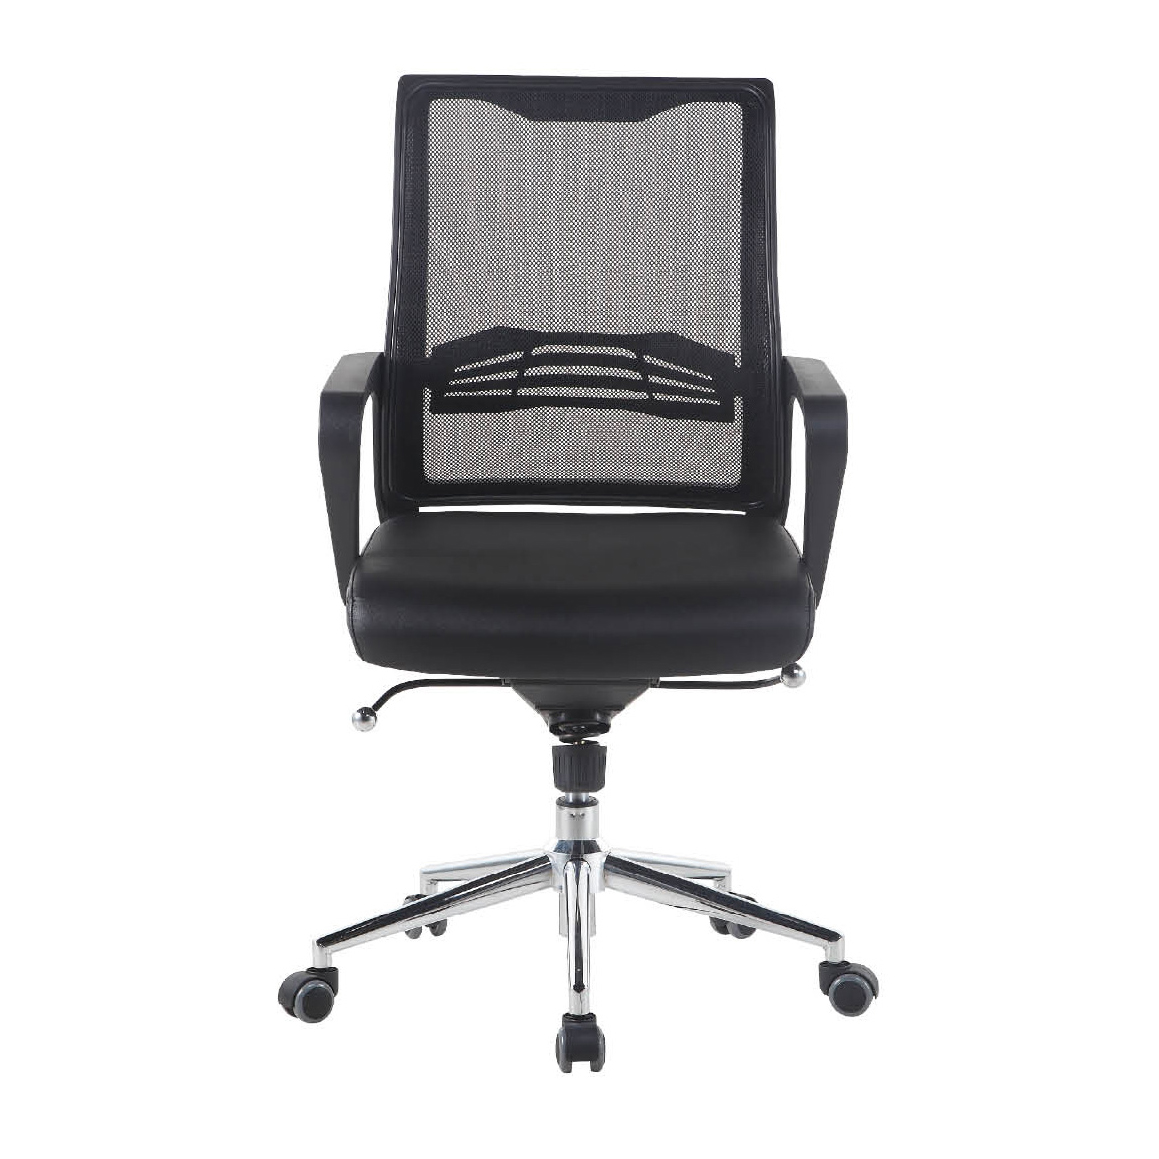 座椅系列网布椅Y-B150117